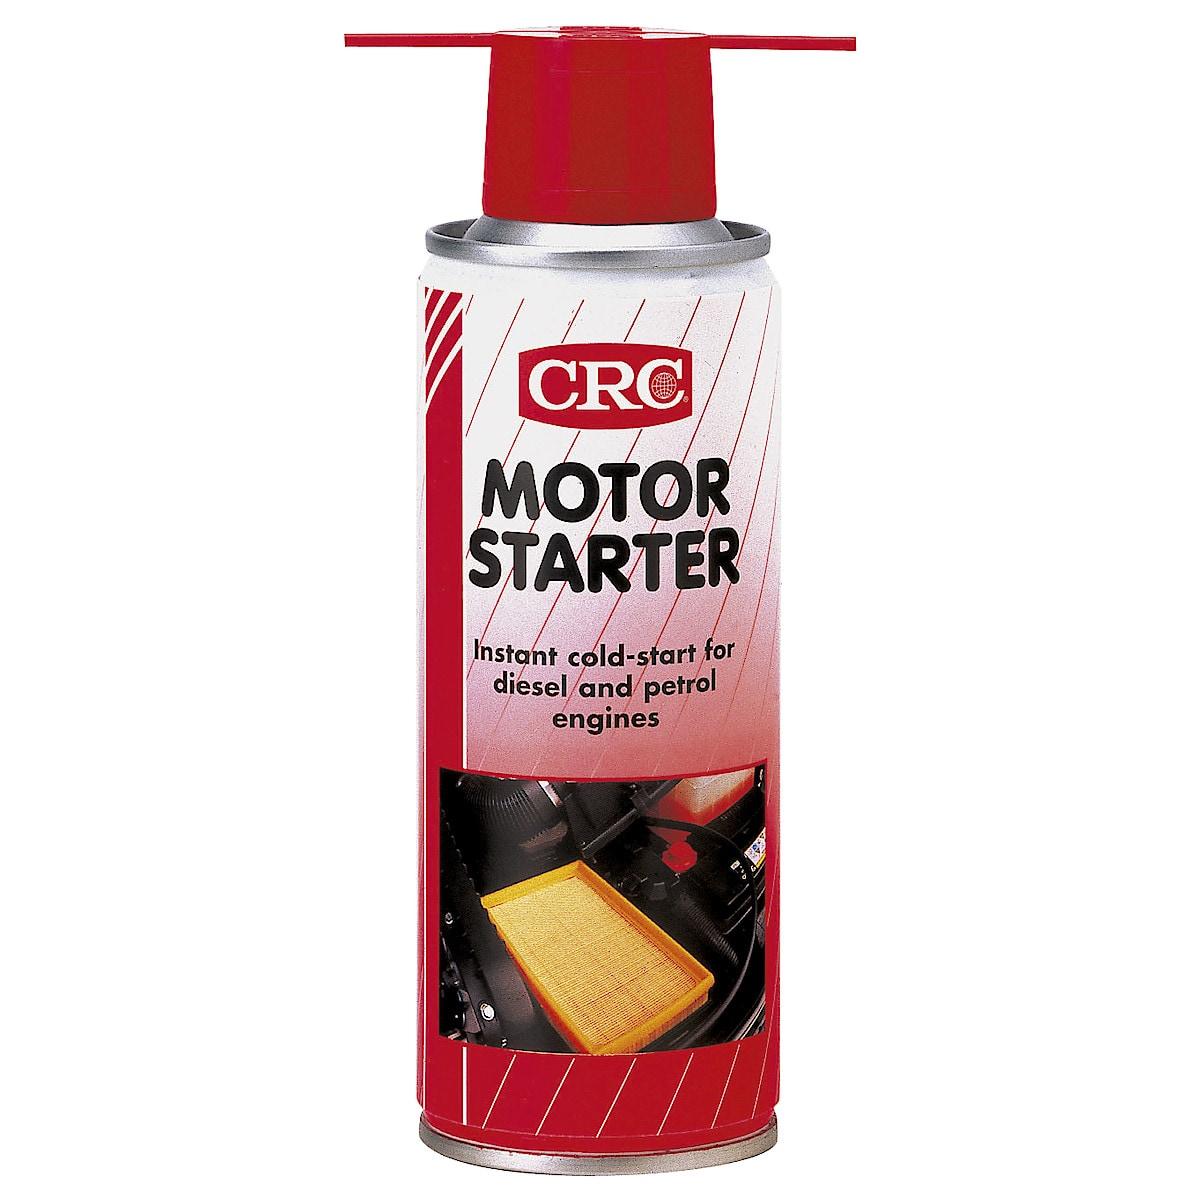 CRC Motor Starter